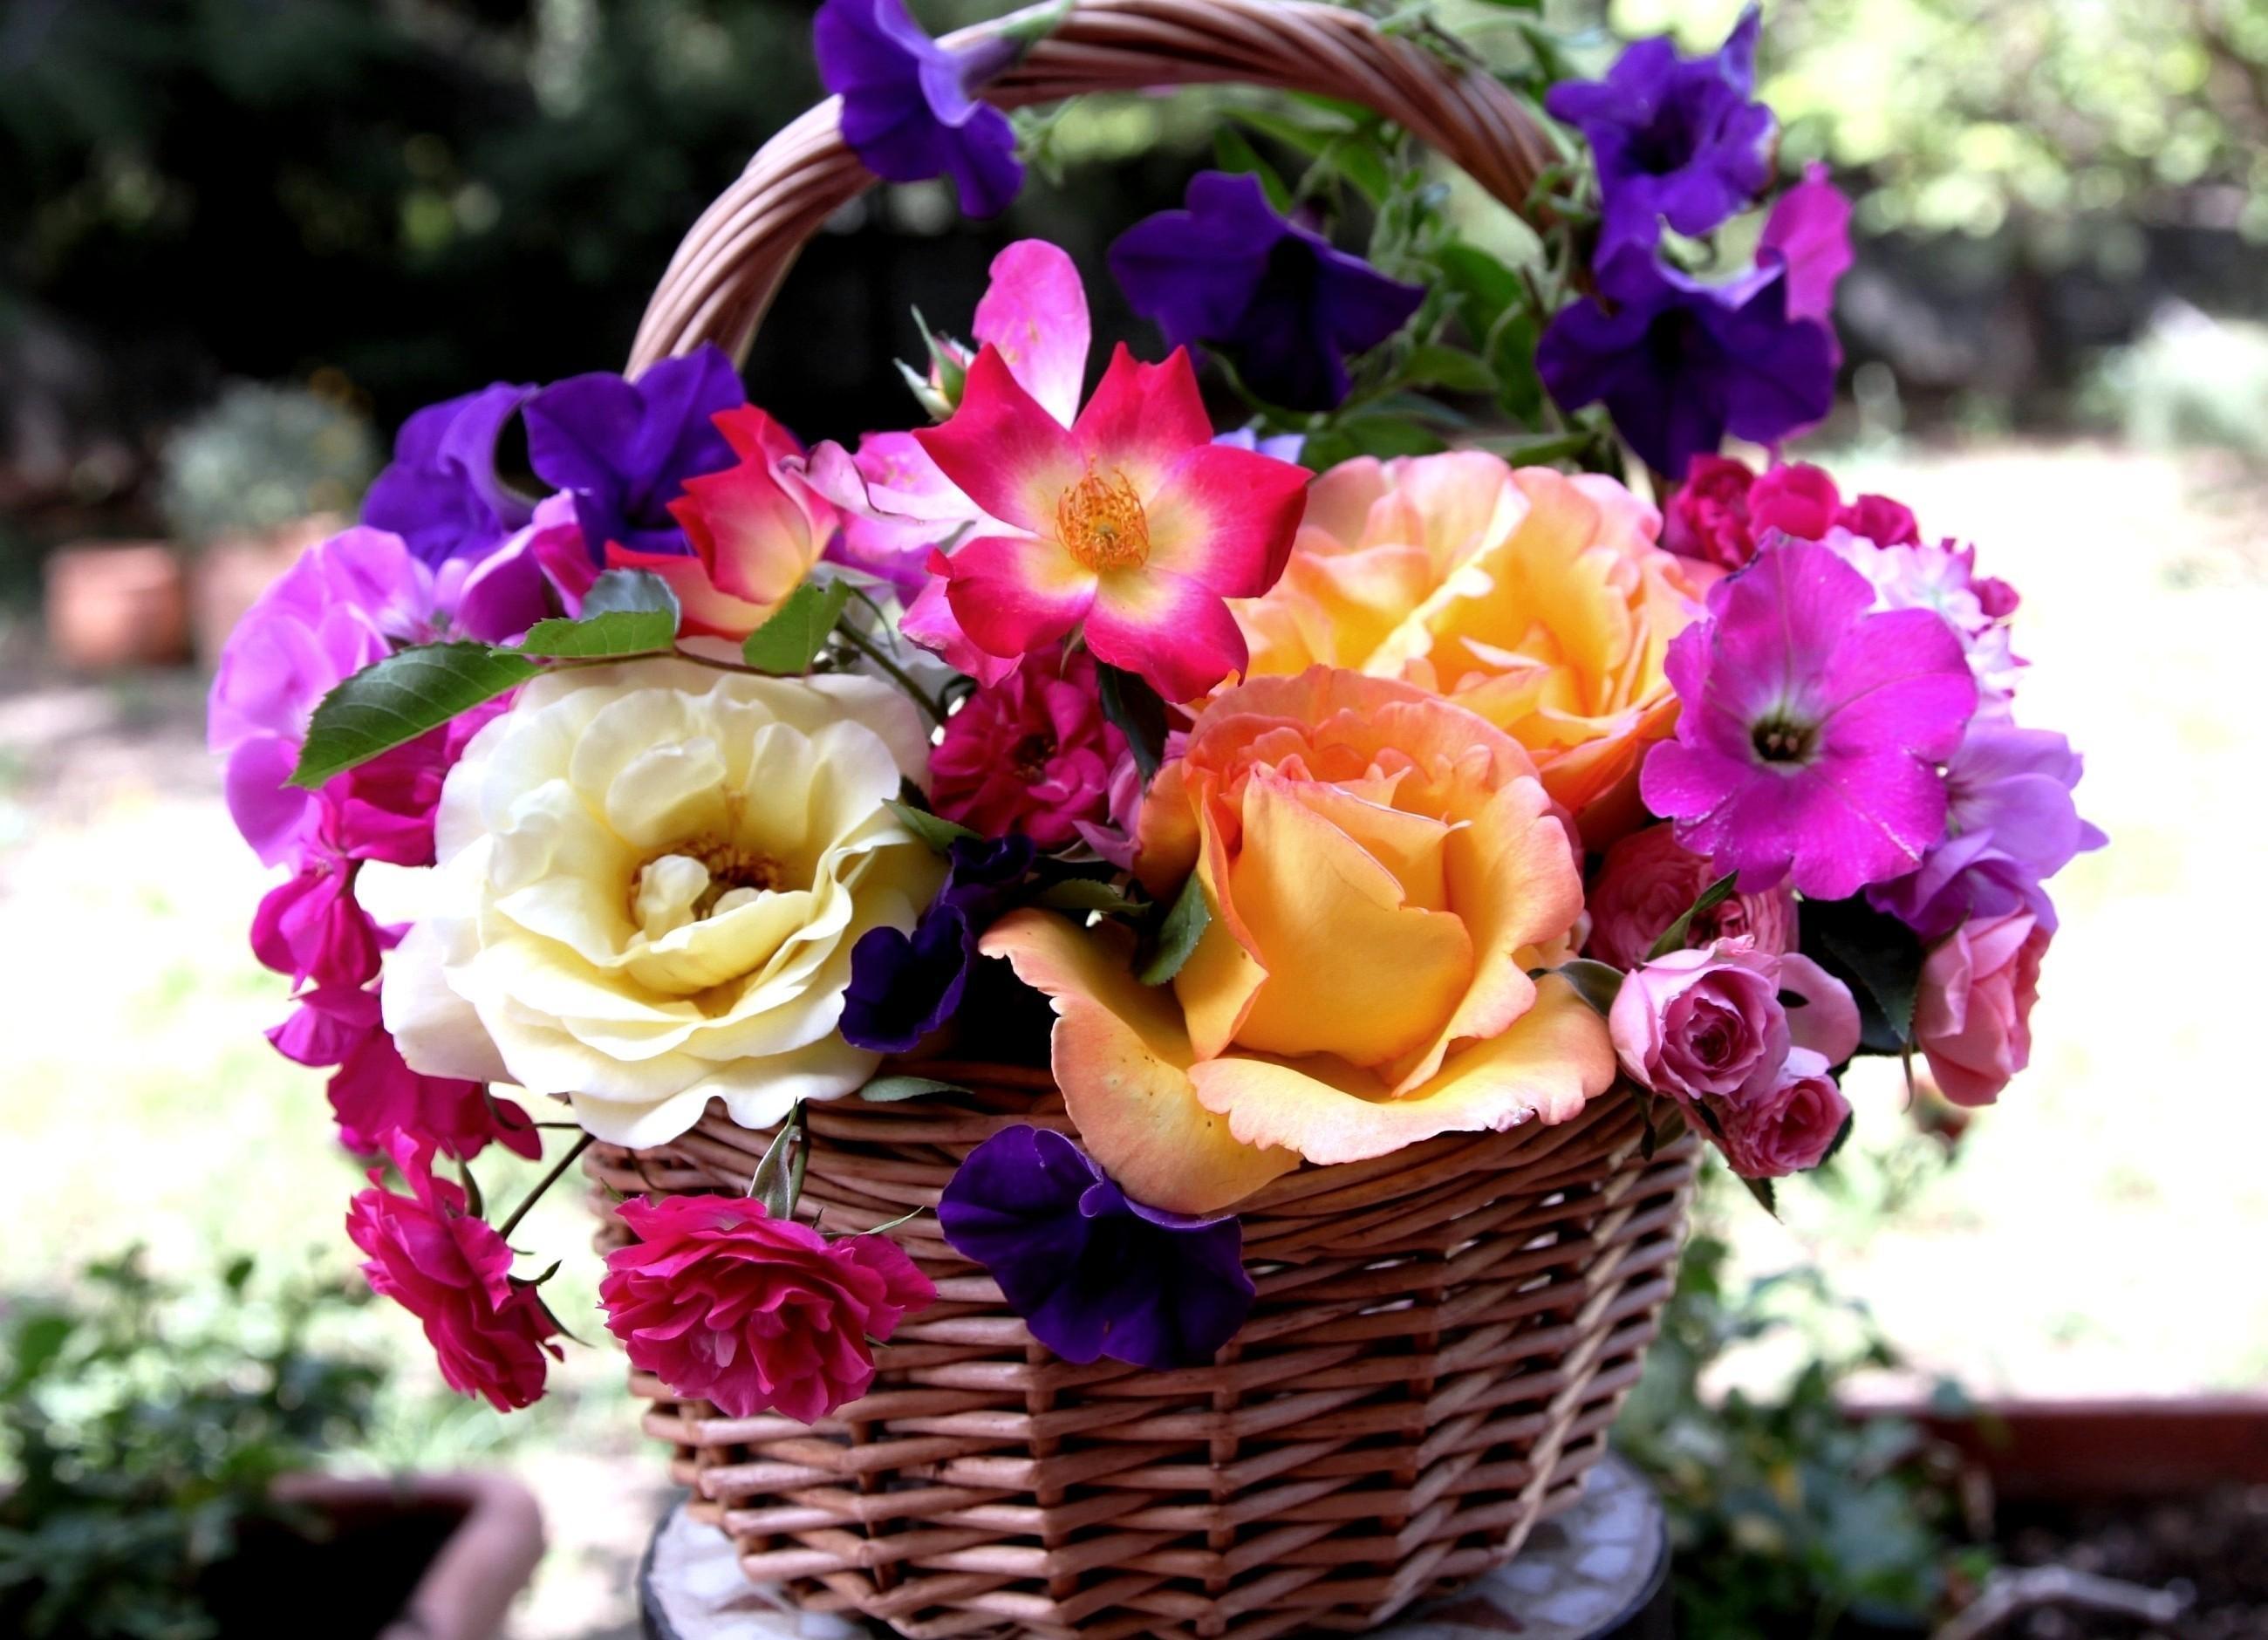 105459 скачать обои Гвоздики, Цветы, Розы, Корзина, Петуния - заставки и картинки бесплатно